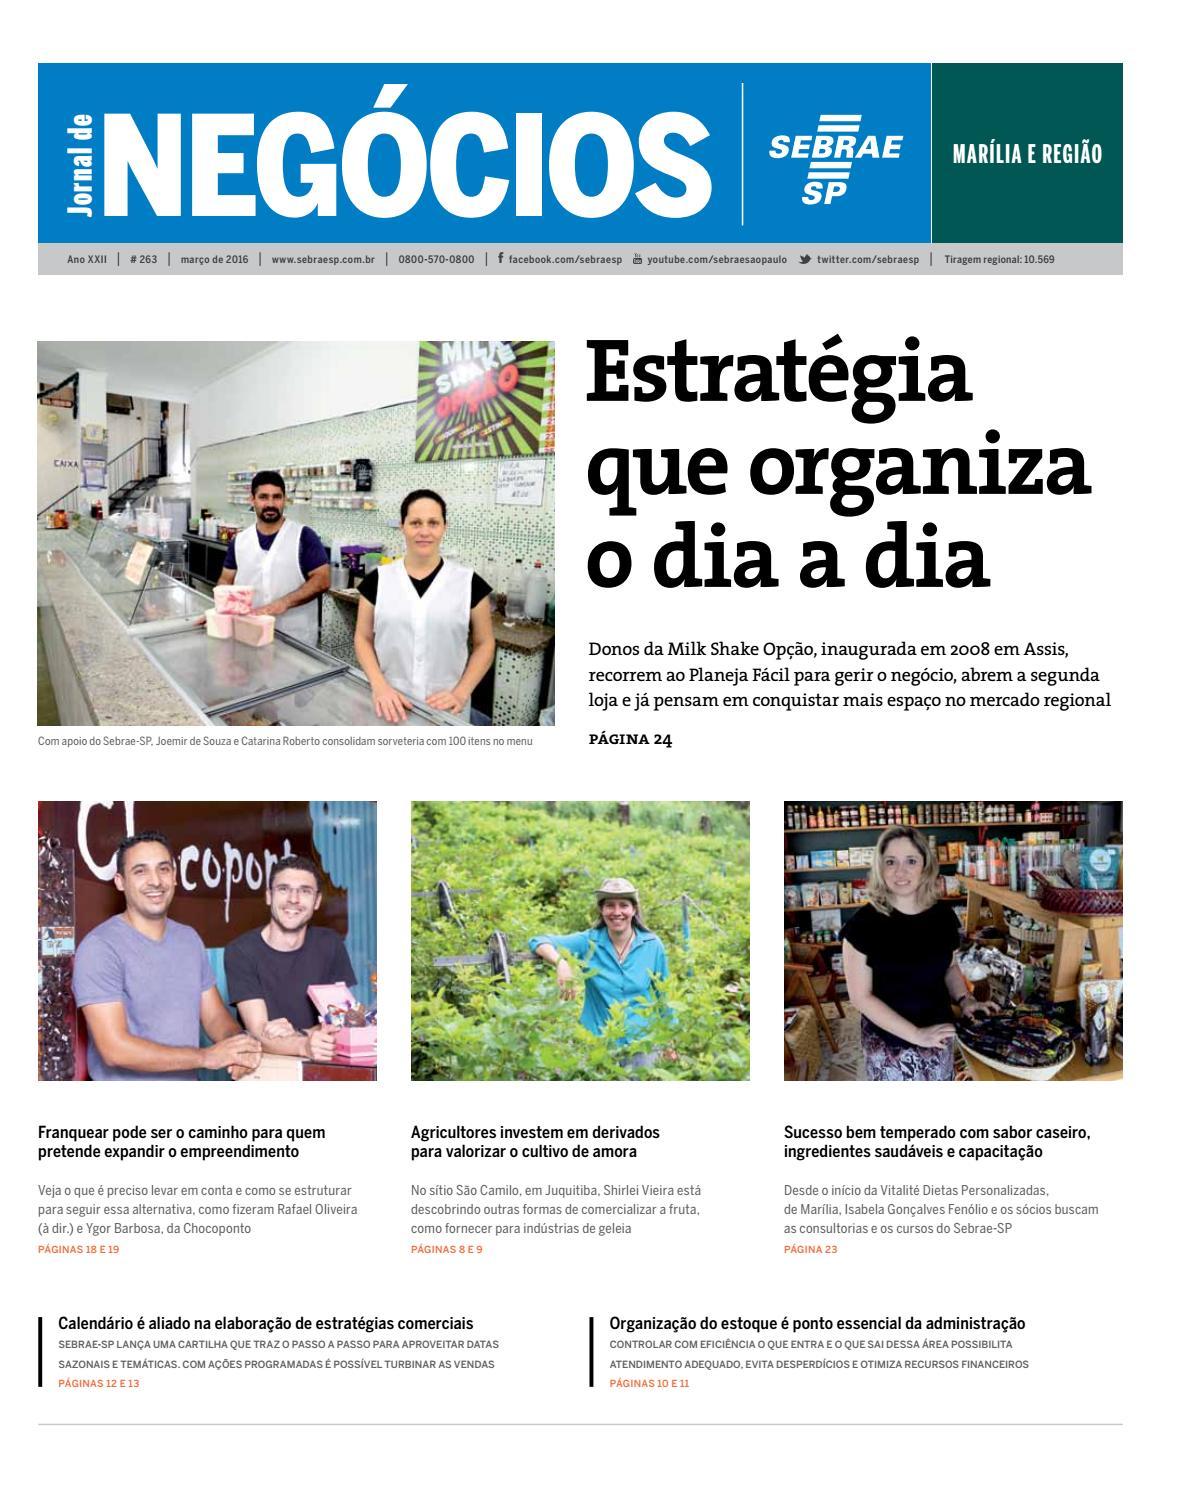 bf371749214 Jornal de Negócios Sebrae-SP - 01 de março de 2016 - Marilia e região by  Sebrae-SP - issuu